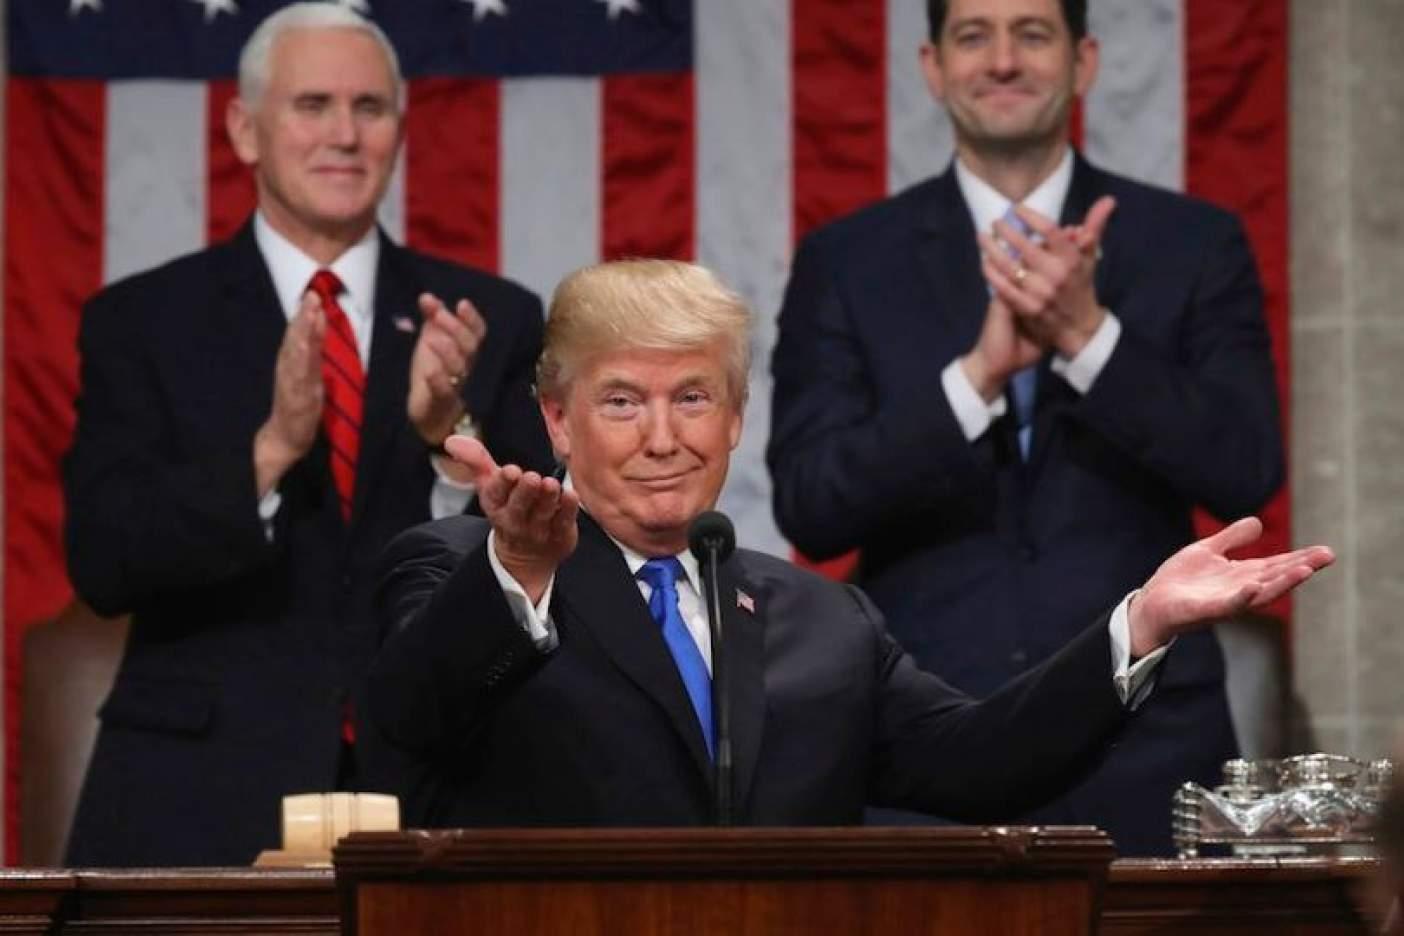 ¿Qué dijo Trump sobre México en su discurso?